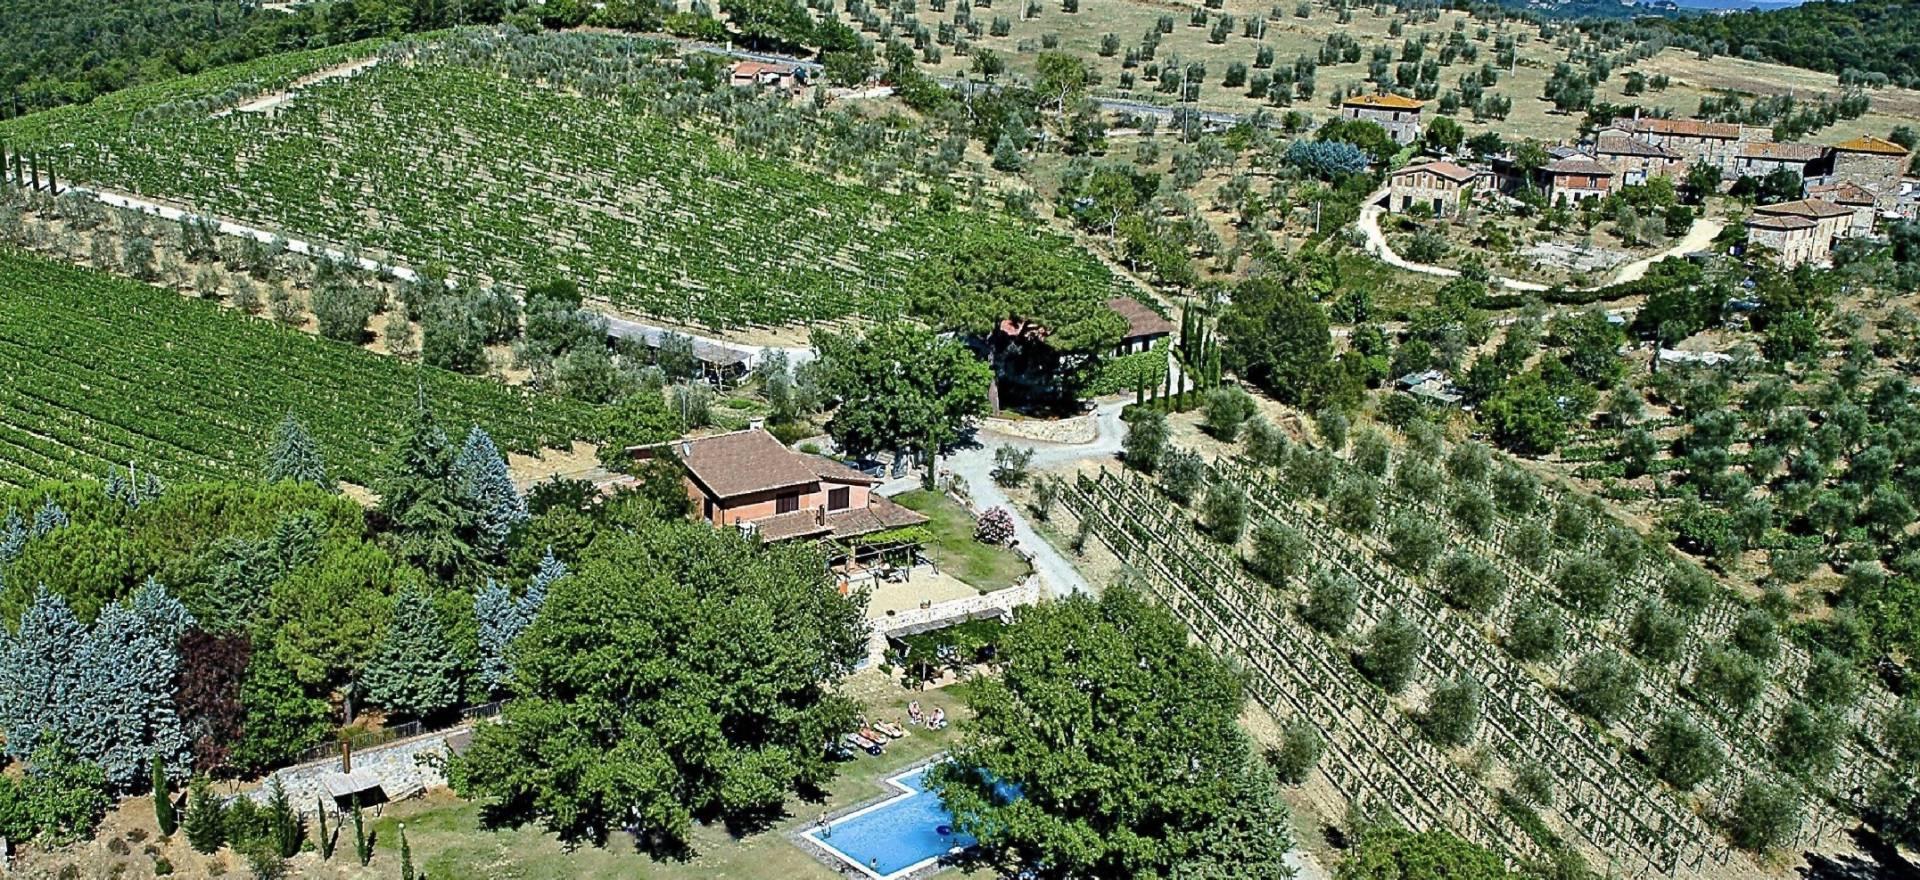 Agriturismo Toscane Authentieke wijnboerderij vlakbij Siena, Toscane